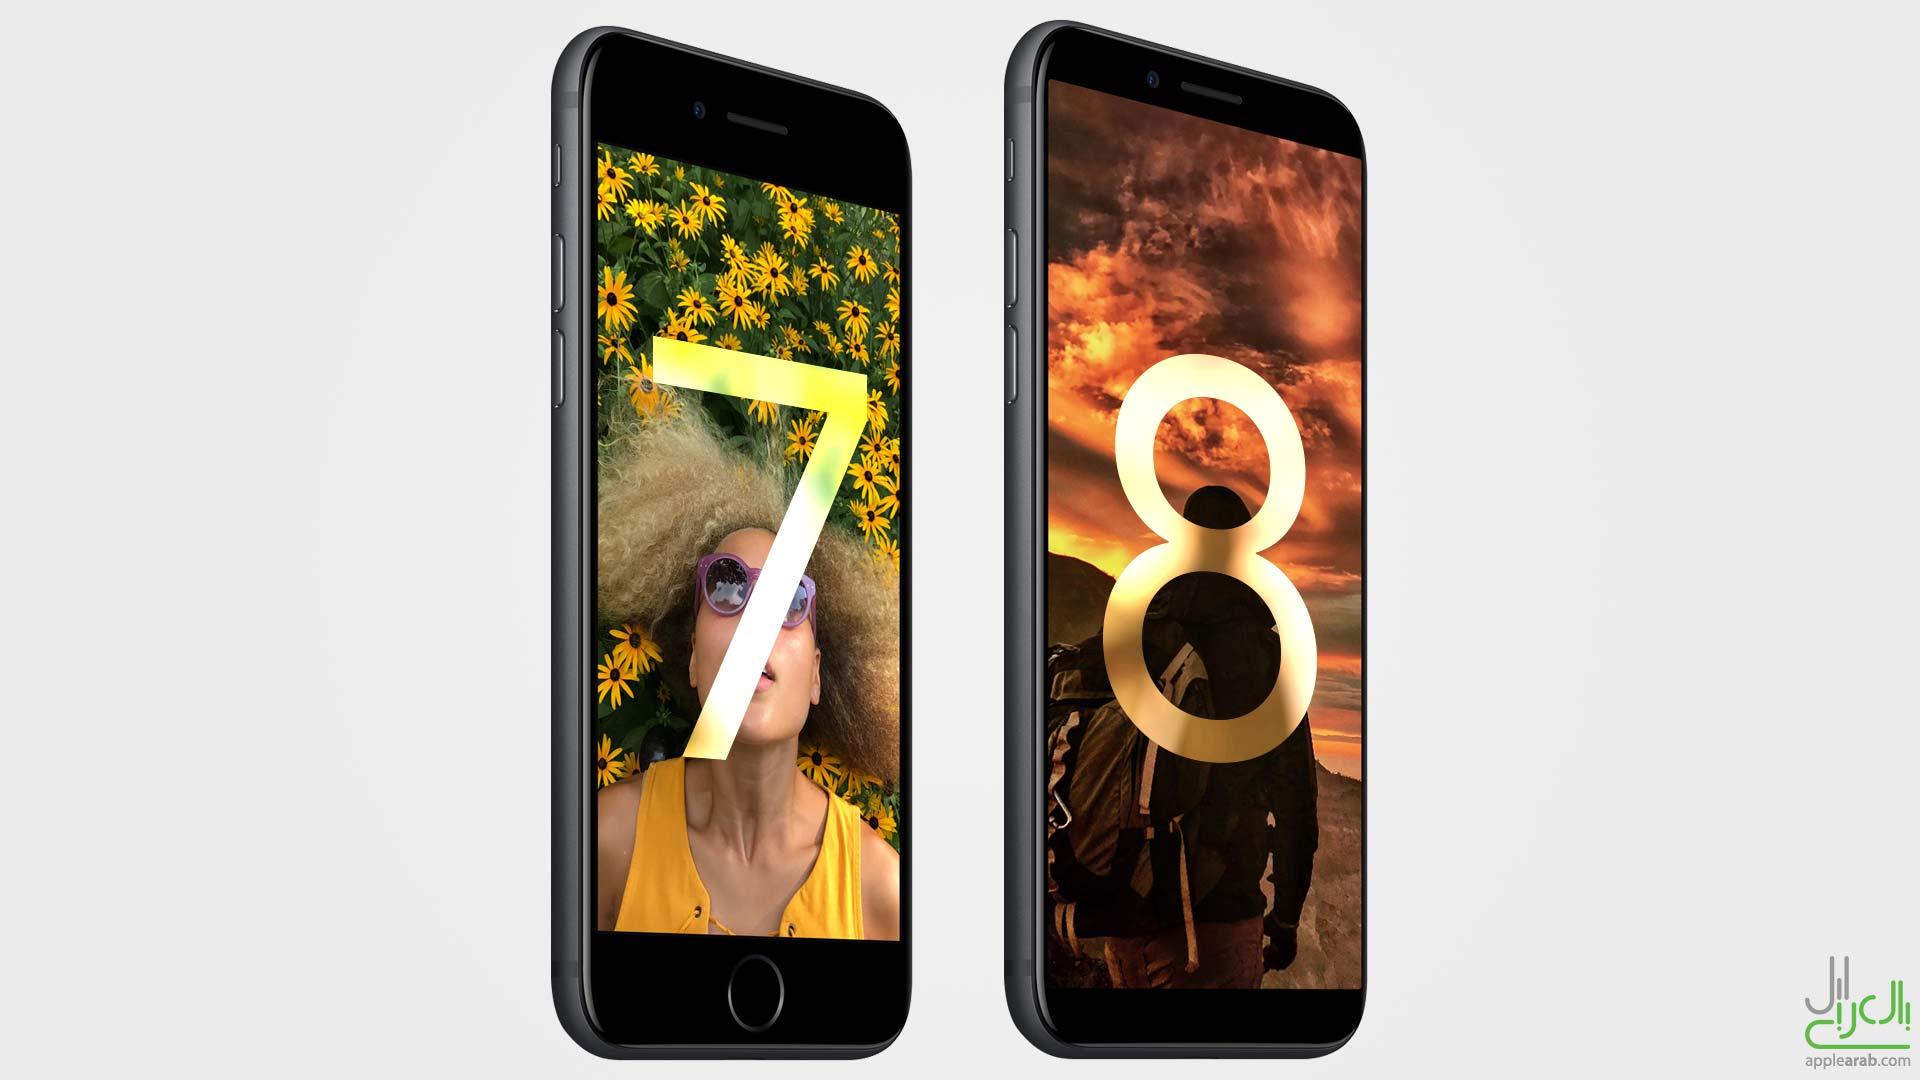 تصميم الايفون 7 والايفون 8